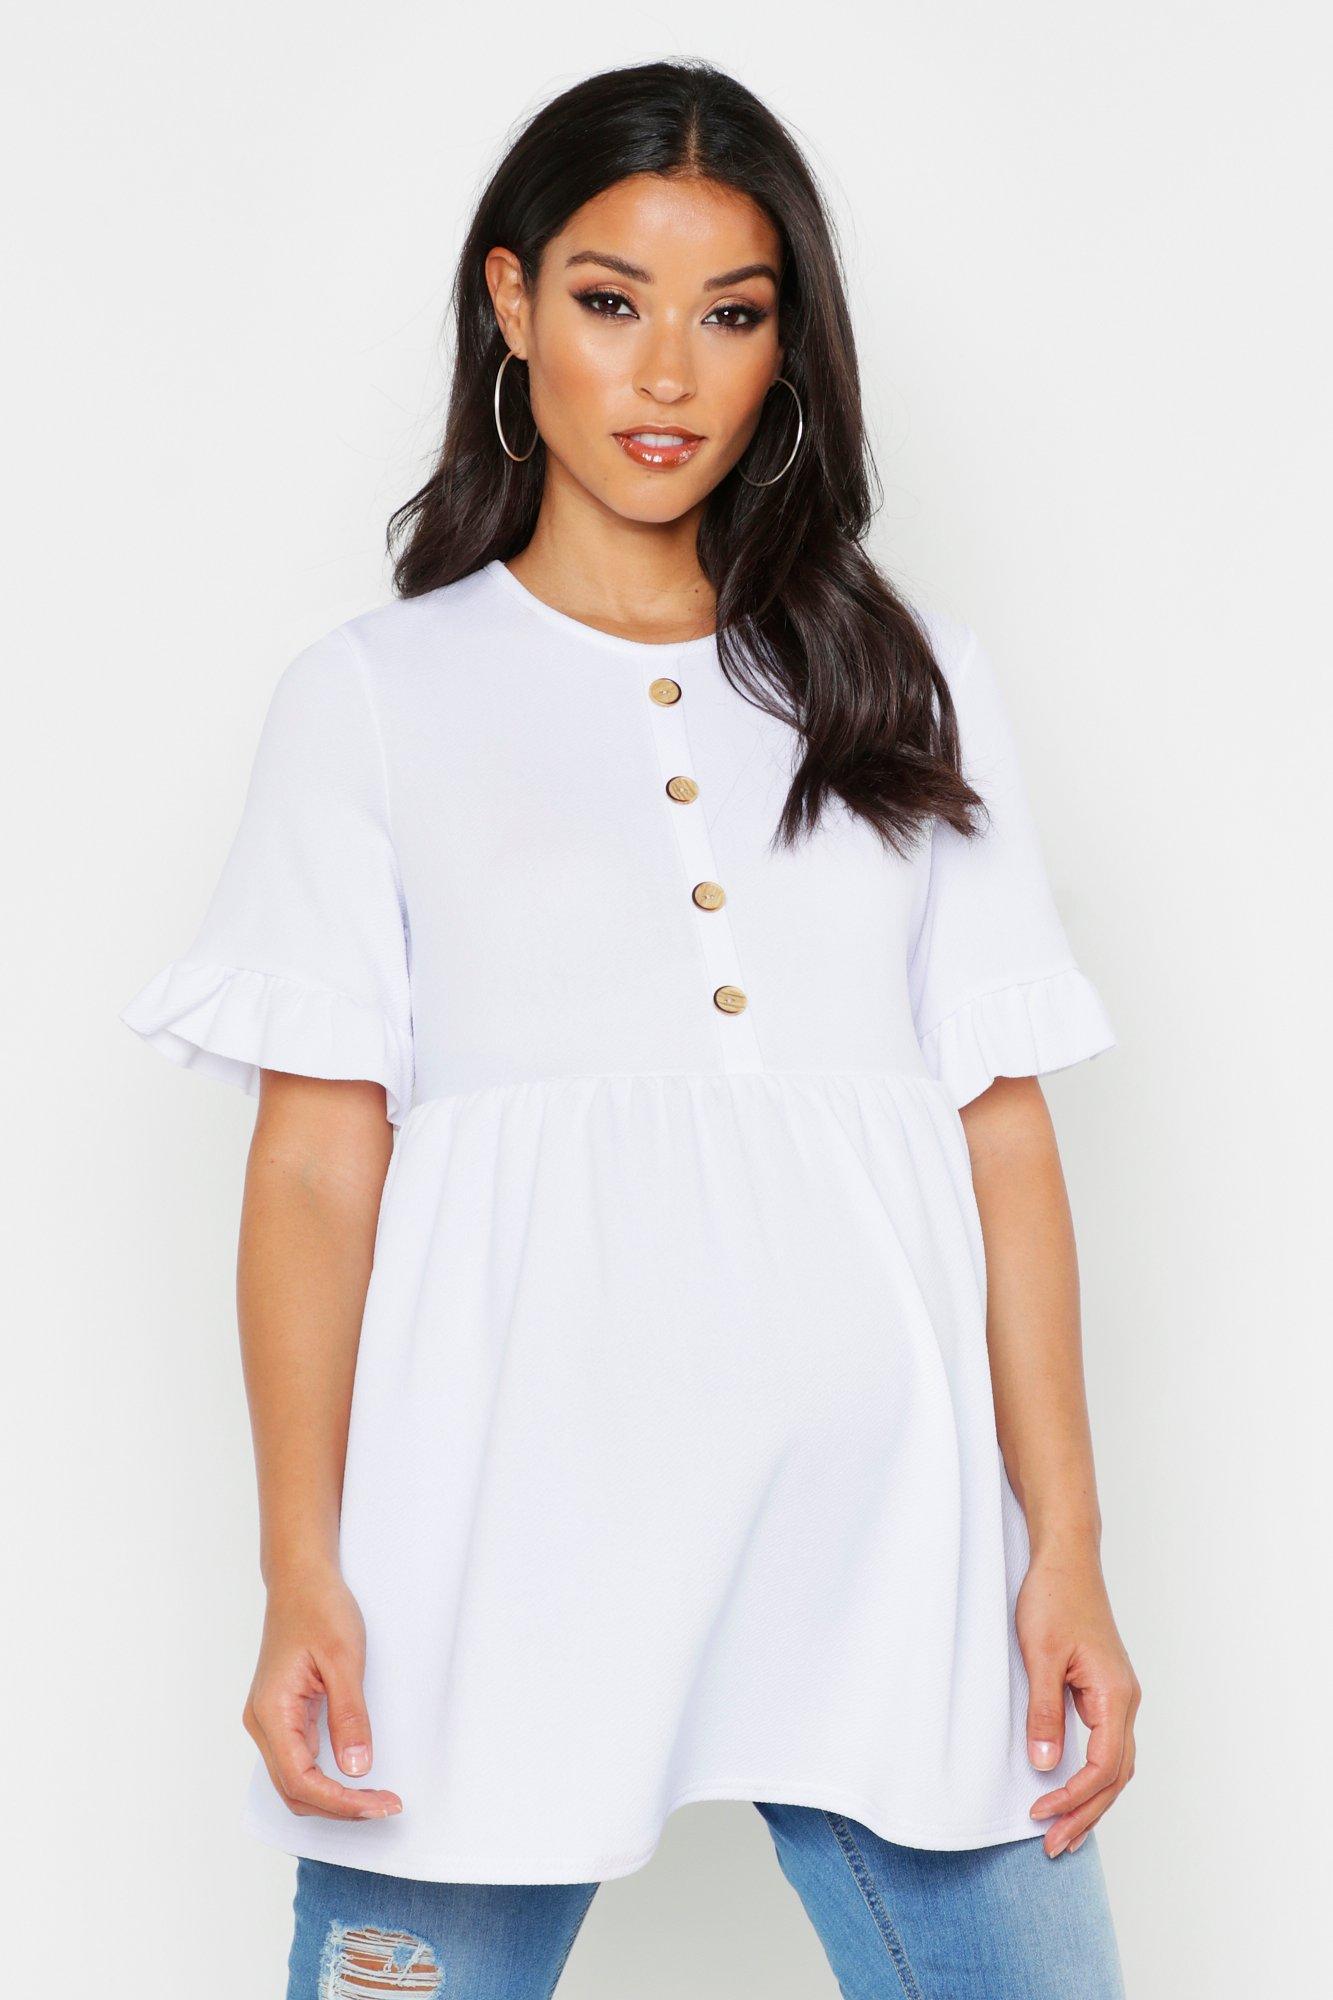 Womens Umstands-Shirt mit Knopfleiste und Rüschenärmeln - Weiß - 36, Weiß - Boohoo.com